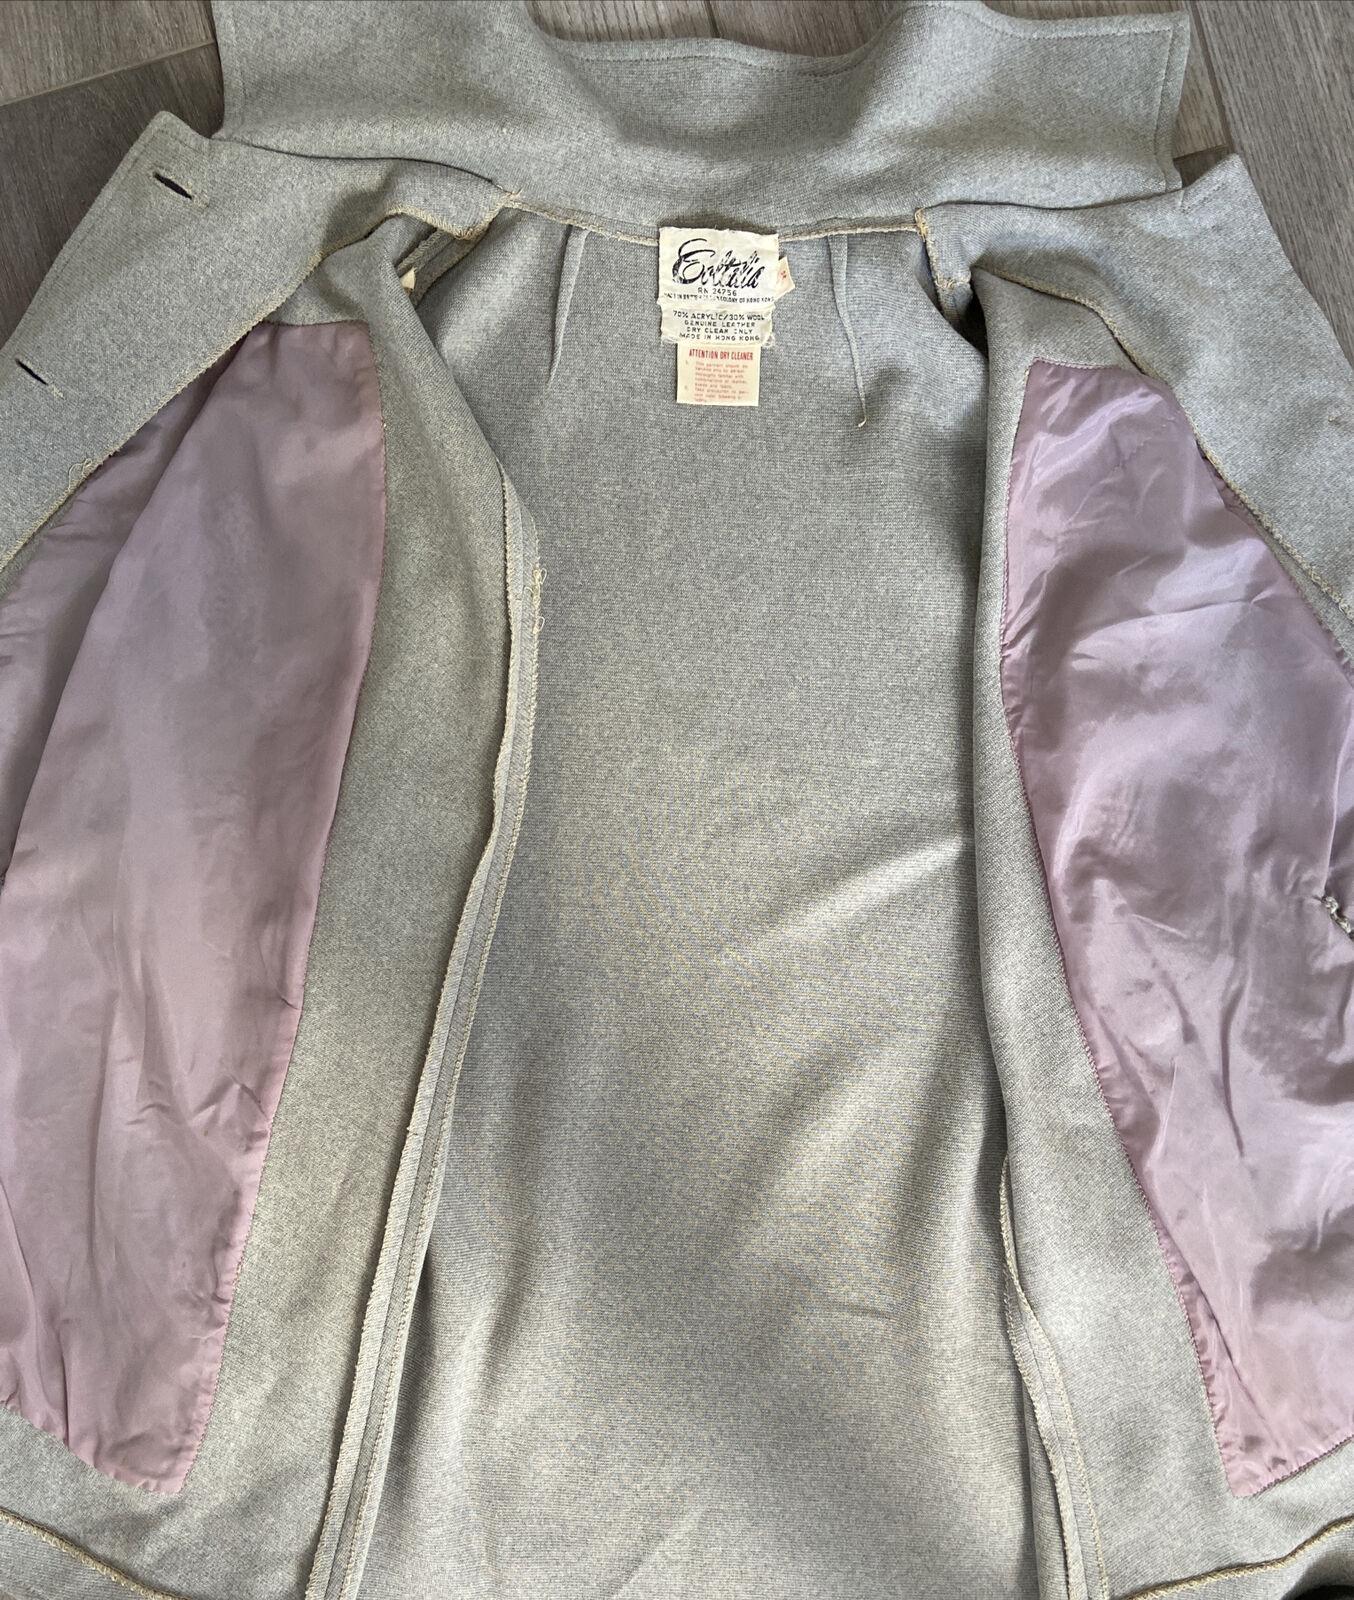 Coltalia Vintage Jacket  - image 12